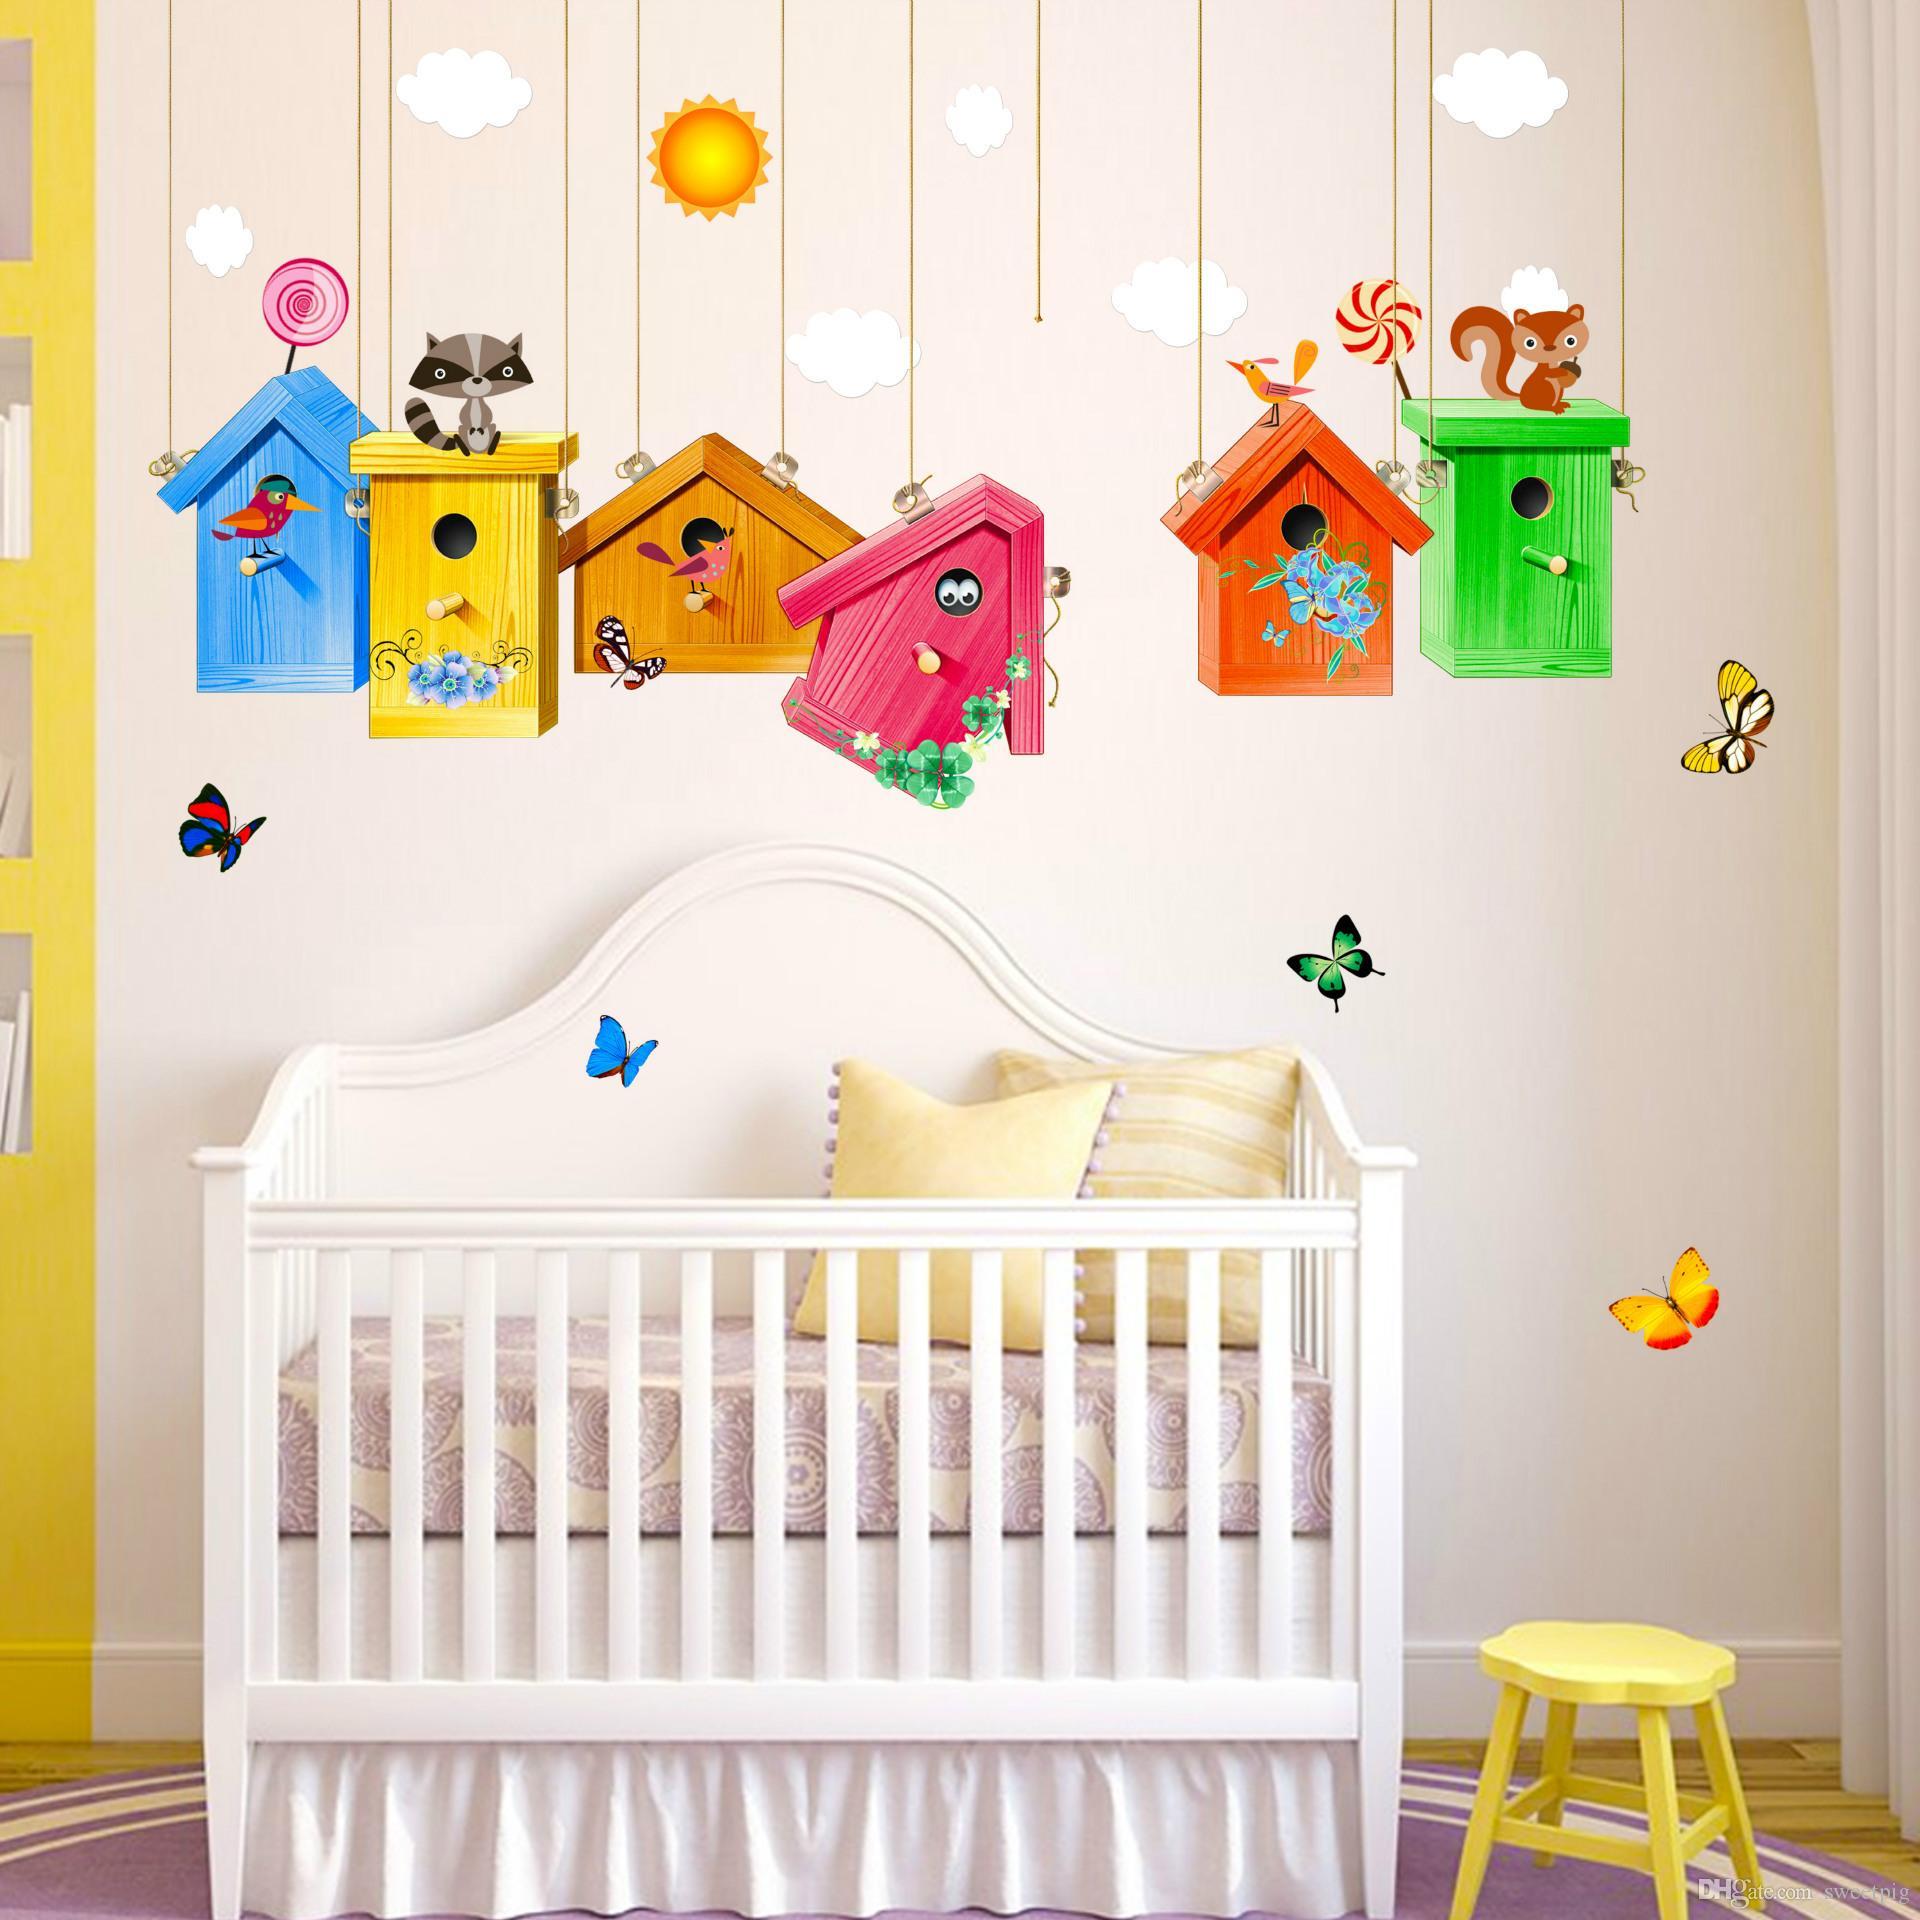 Full Size of Cartoon Bunte Vogelkfig Wandaufkleber Pvc Tapeten Für Die Küche Regal Sofa Fototapeten Wohnzimmer Regale Schlafzimmer Weiß Kinderzimmer Tapeten Kinderzimmer